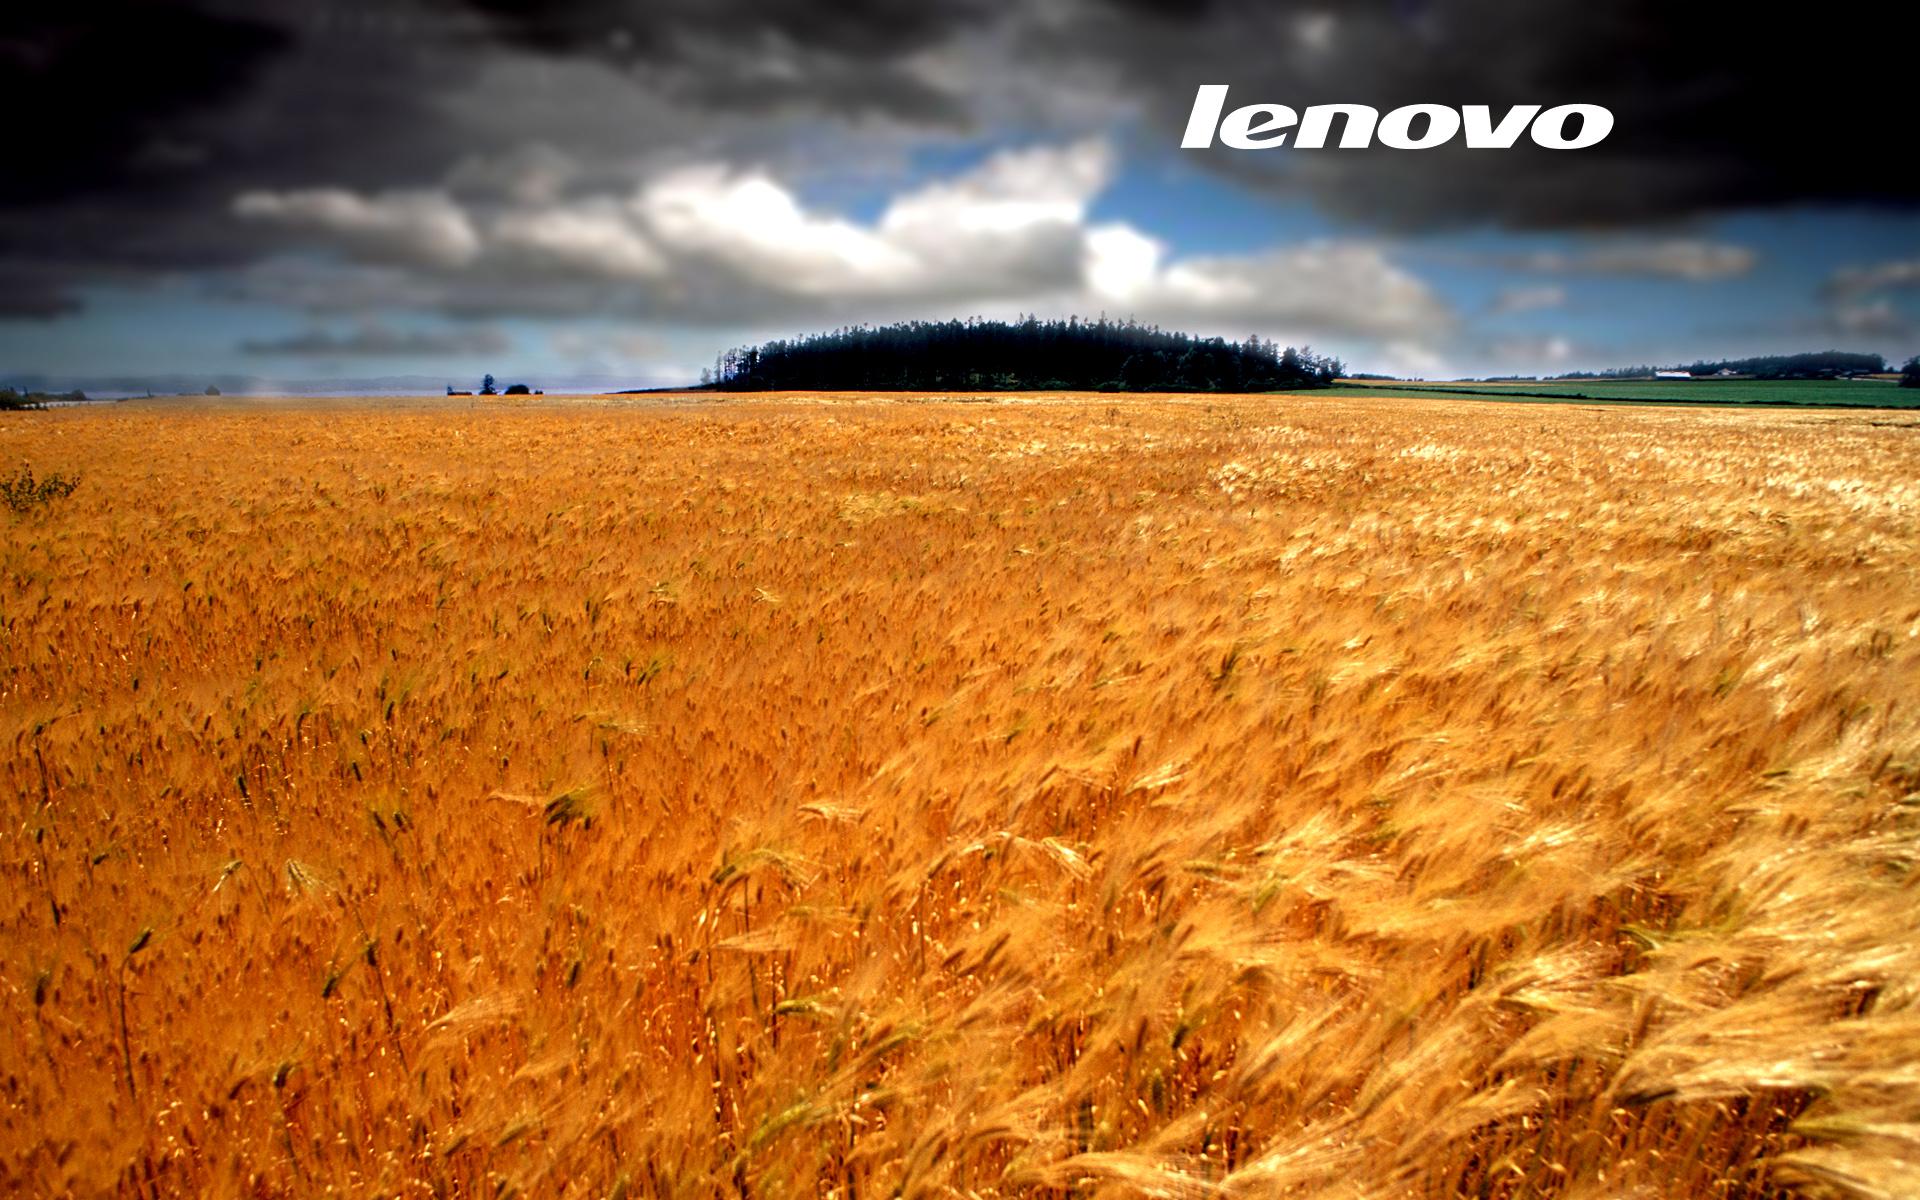 Visszaköltözött Magyarországra a Lenovo szervizhálózata: örülhetnek az IdeaPad tulajdonosok